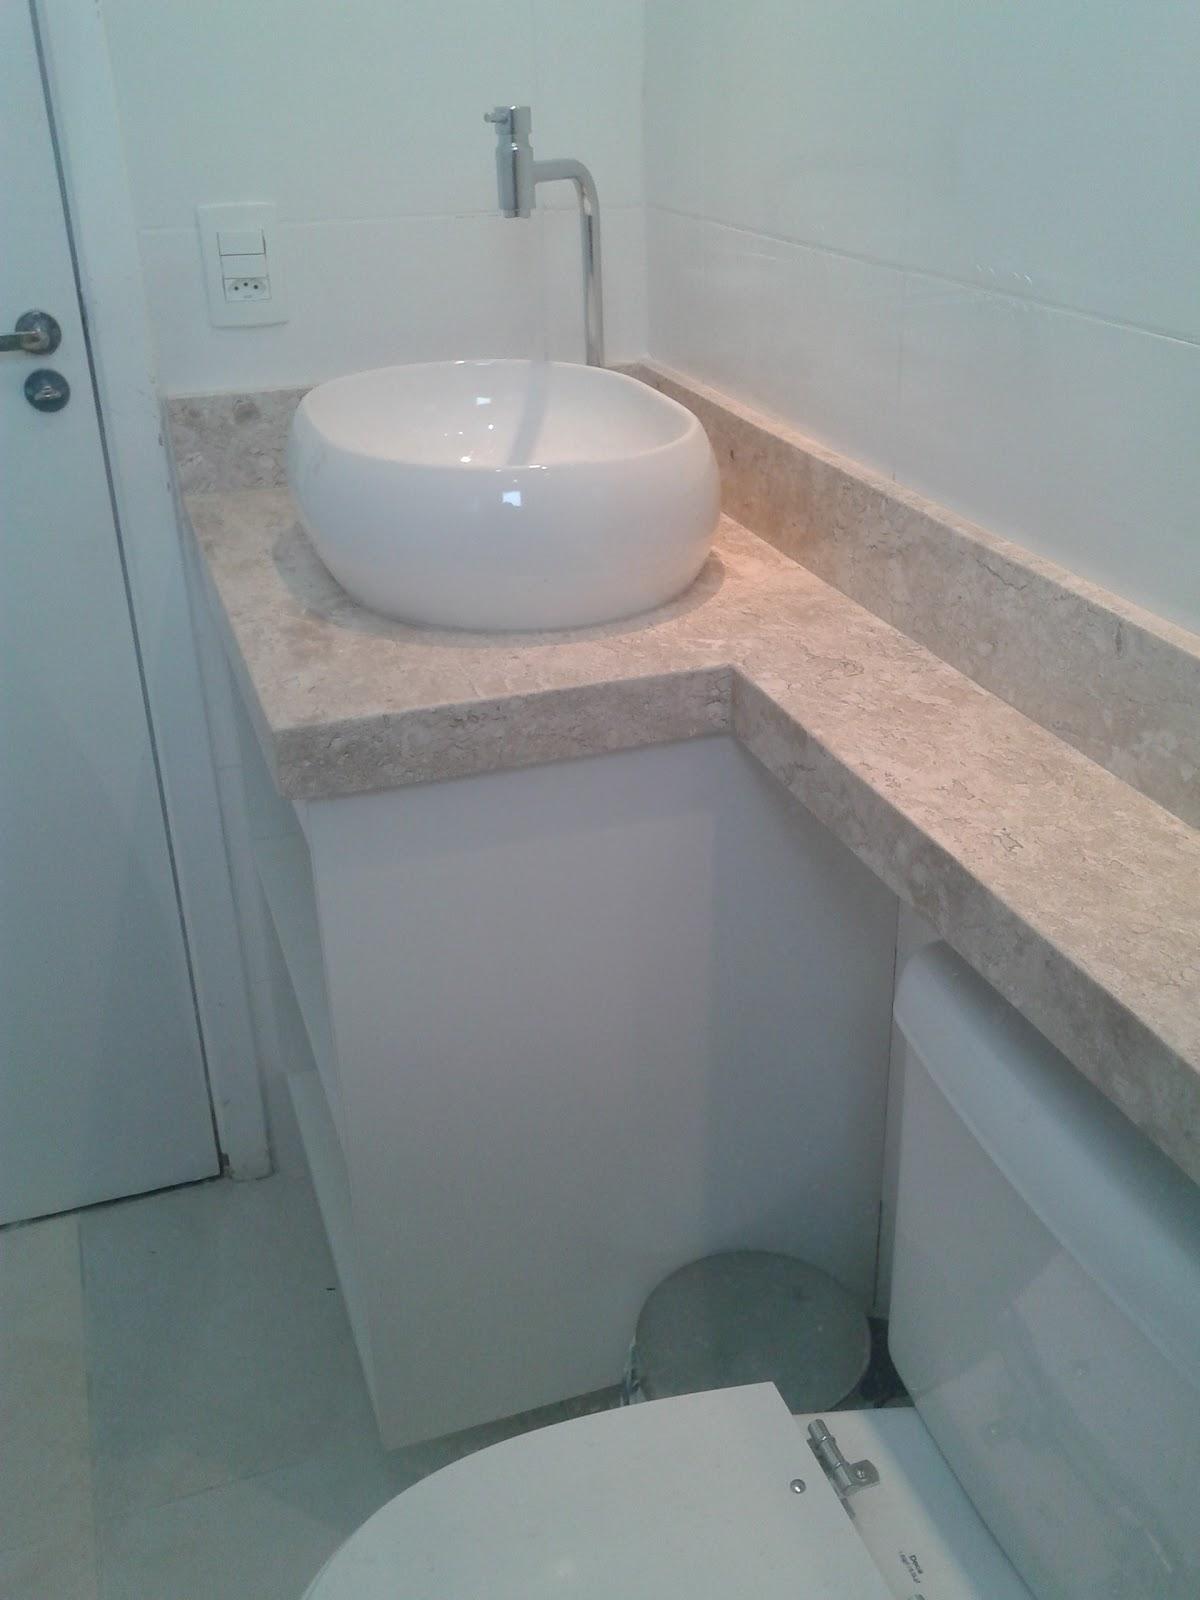 Meu primeiro Apartamento: Banheiro com mármore instalado #7D5E4E 1200x1600